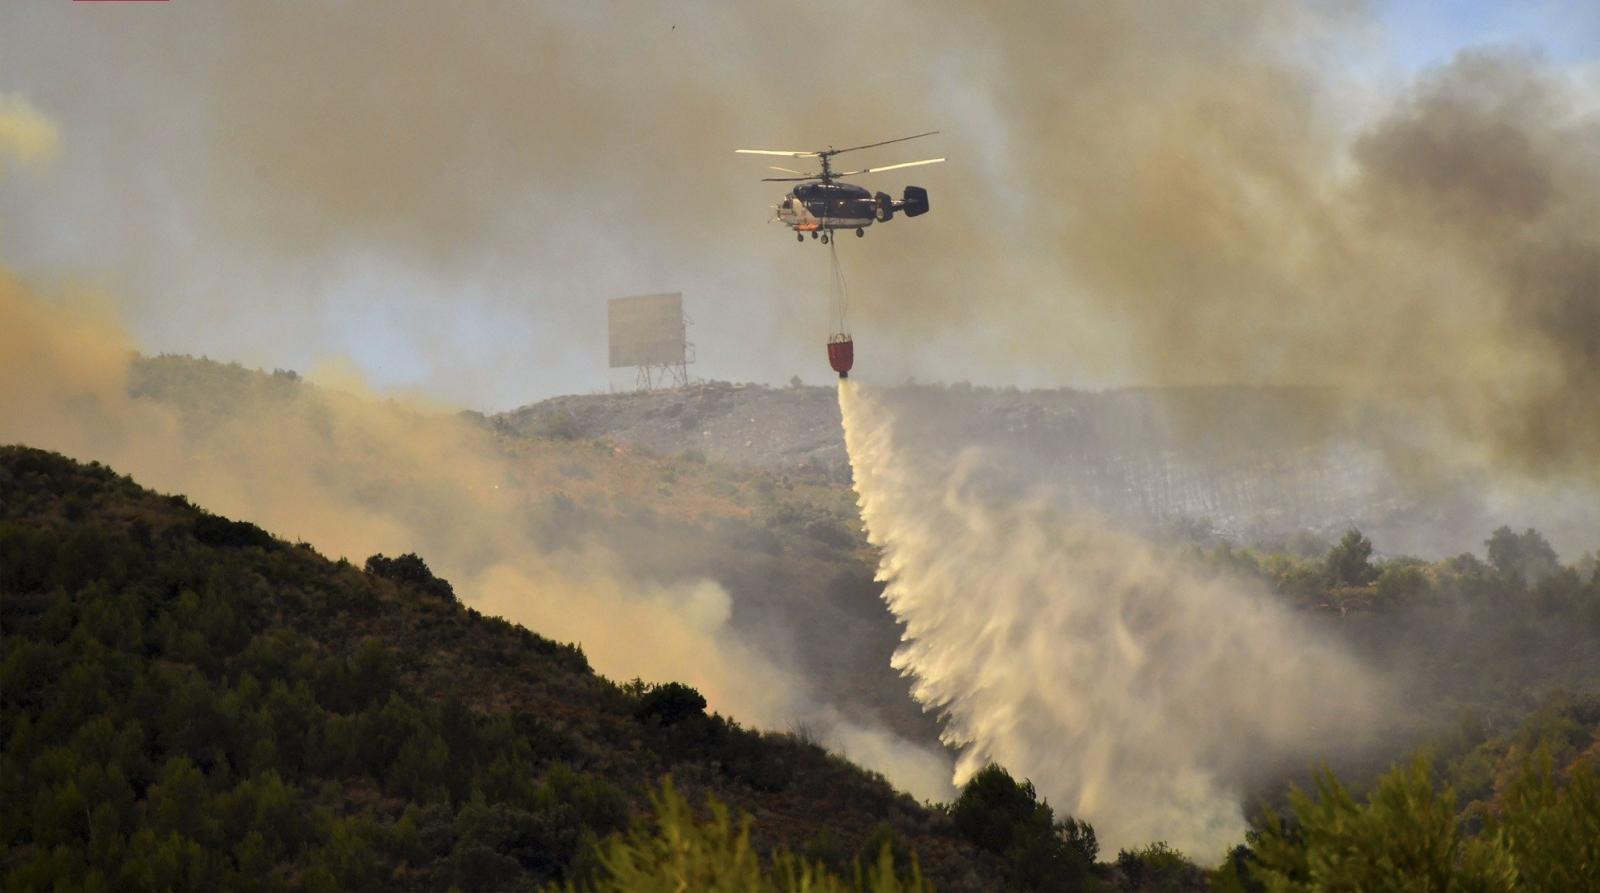 Helikopter gasi pożar lasu w Walencji, Hiszpania.